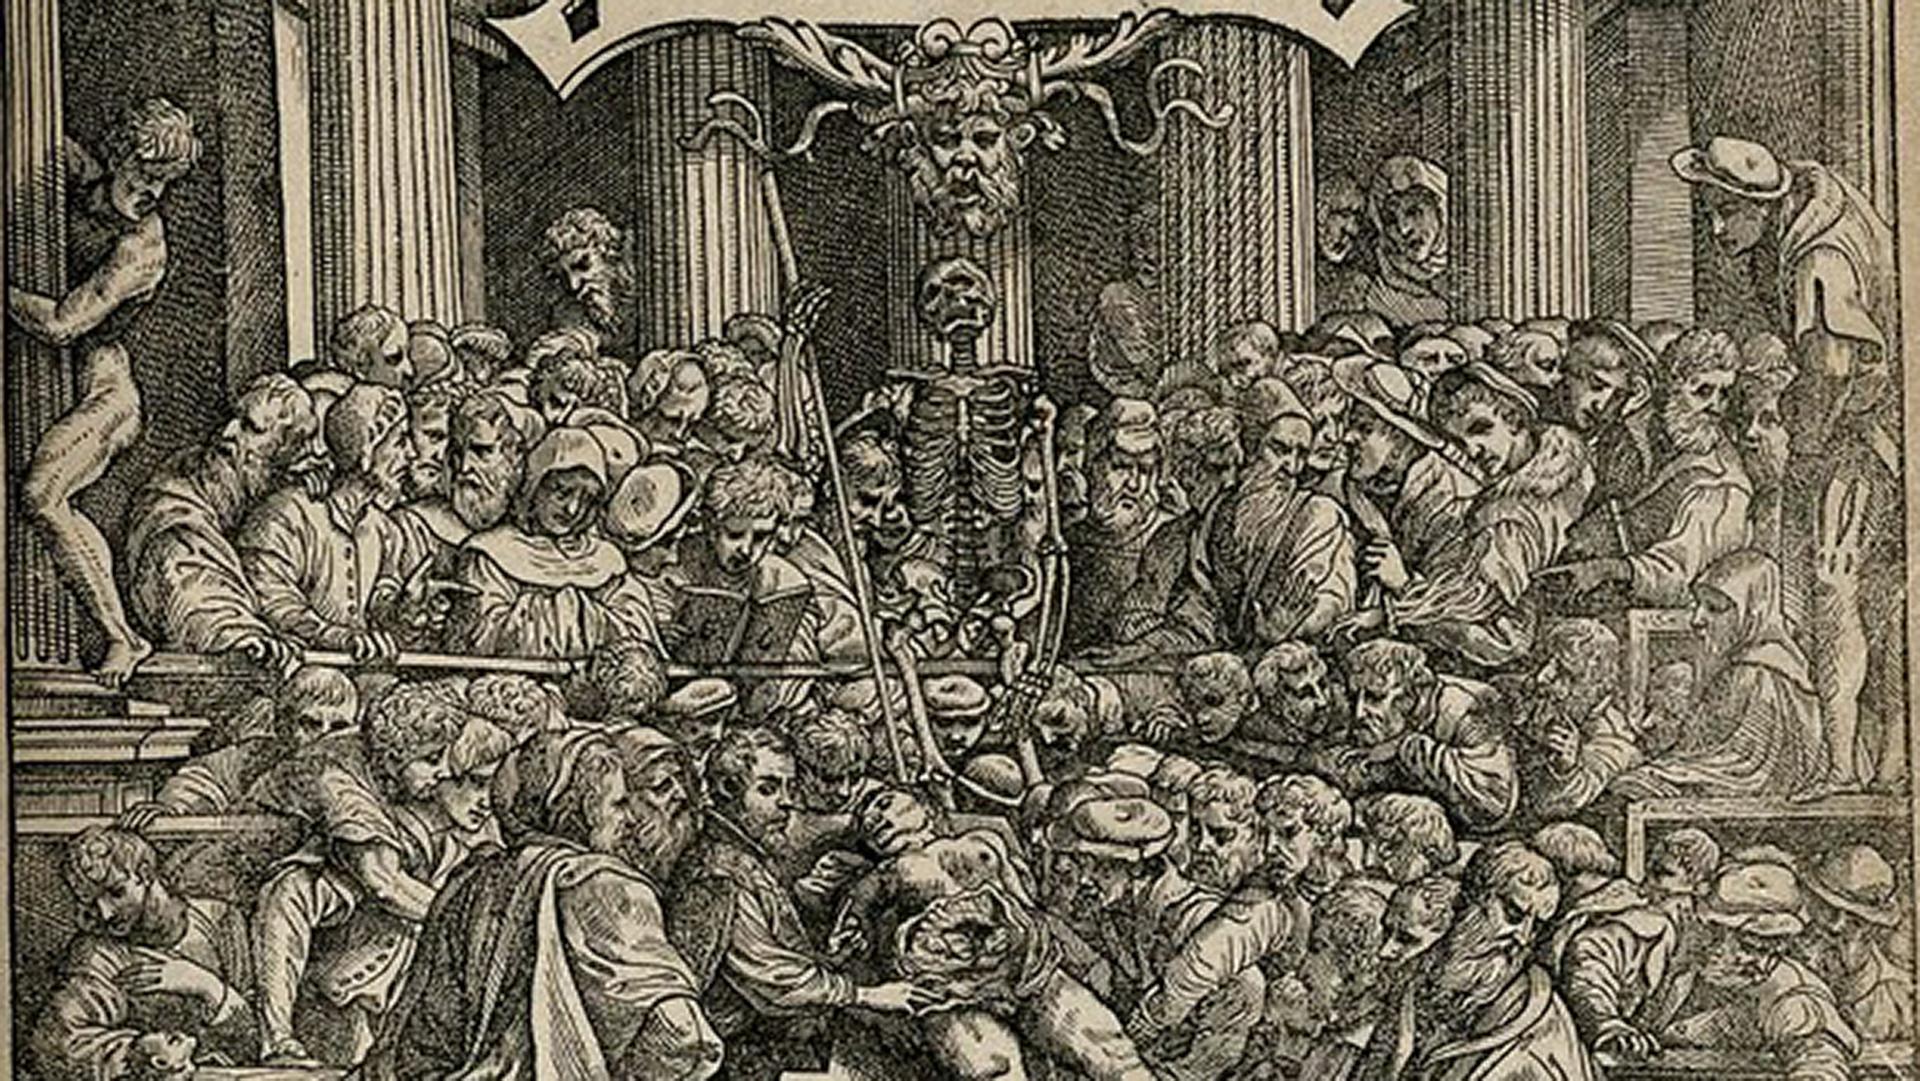 Detalle Frontispicio de De humani corporis fabrica, de Andrea Vesalio, Basilea 1543